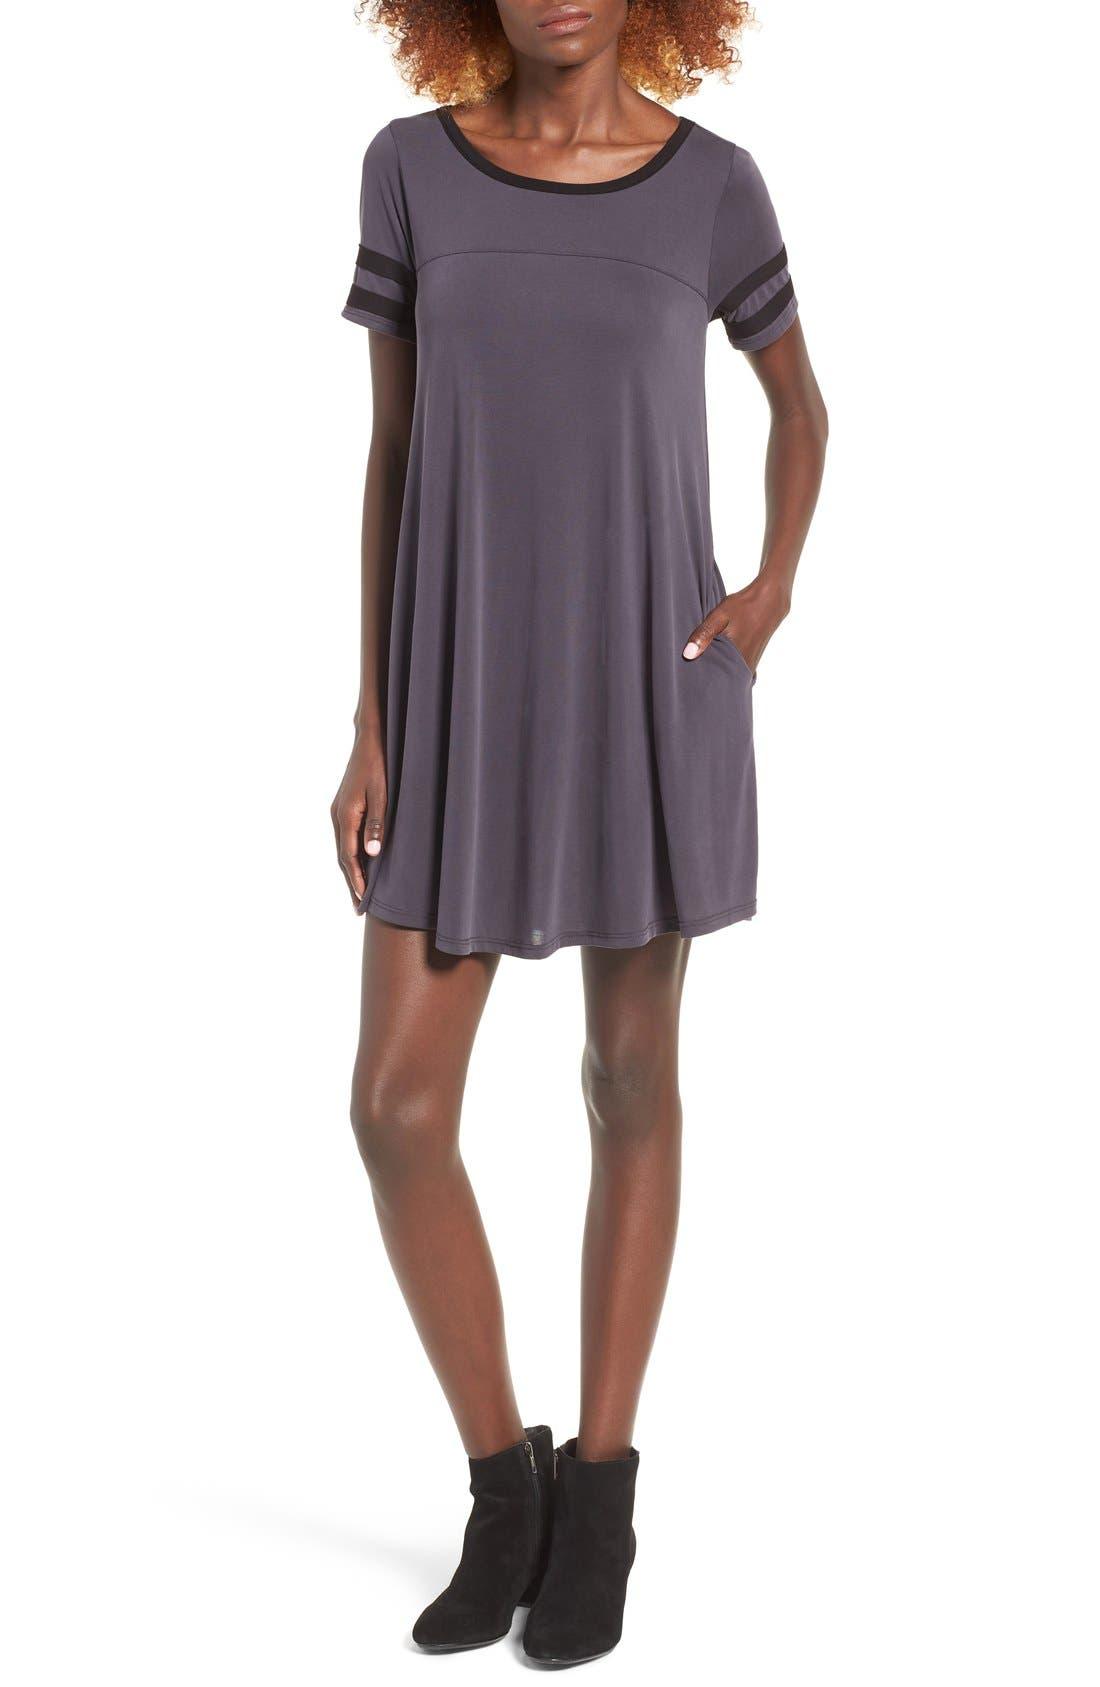 Main Image - Socialite Varsity T-Shirt Dress